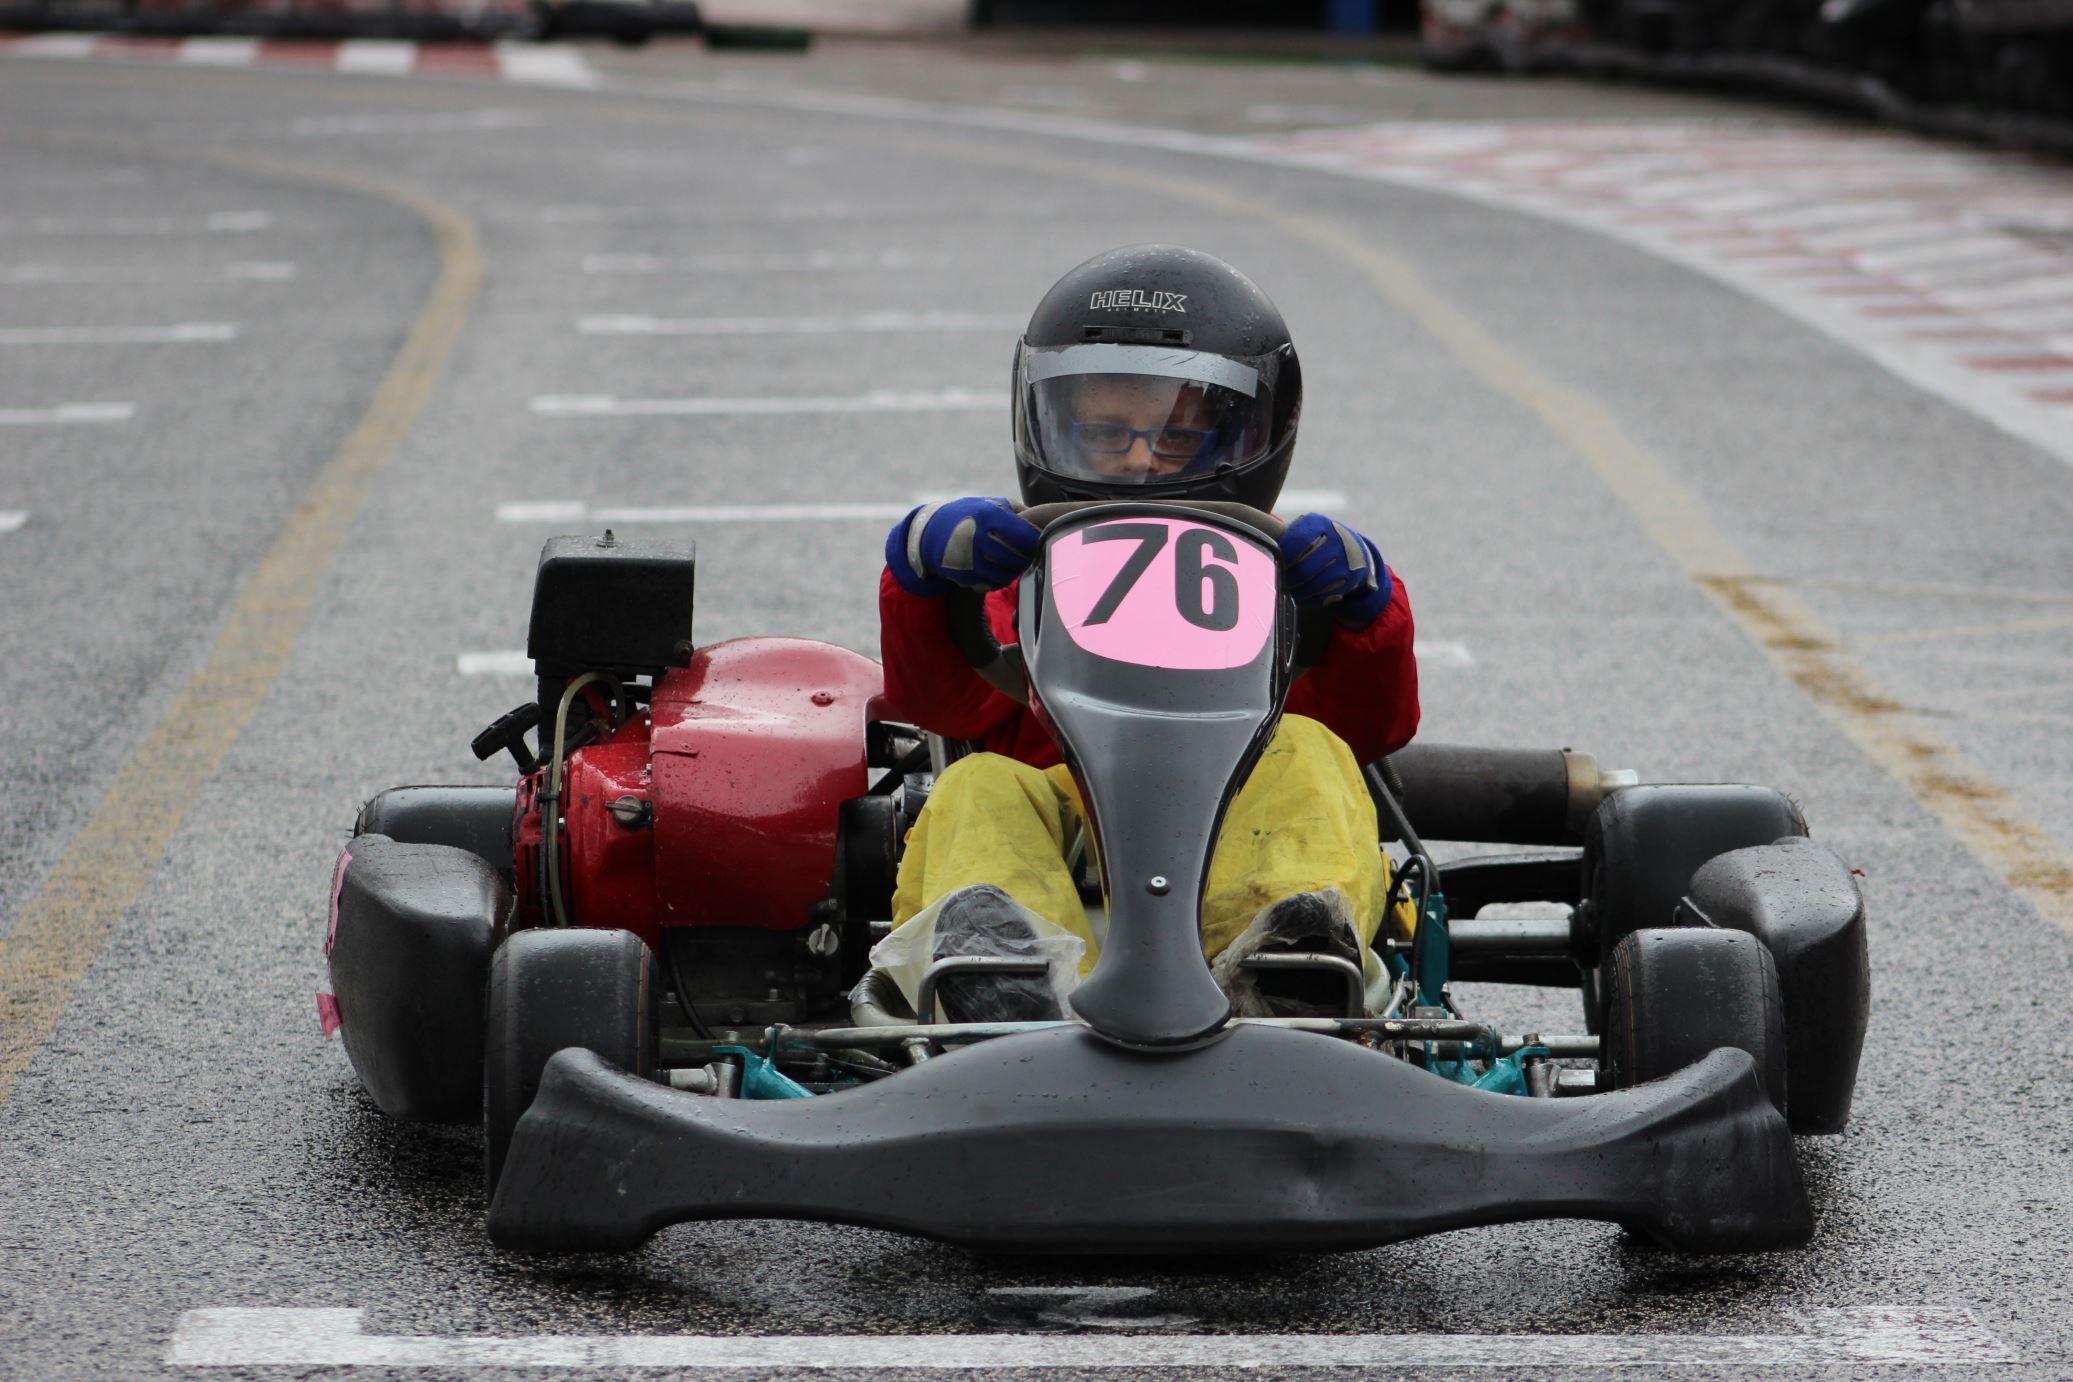 Troféu Honda 2014 - 2ª Prova22